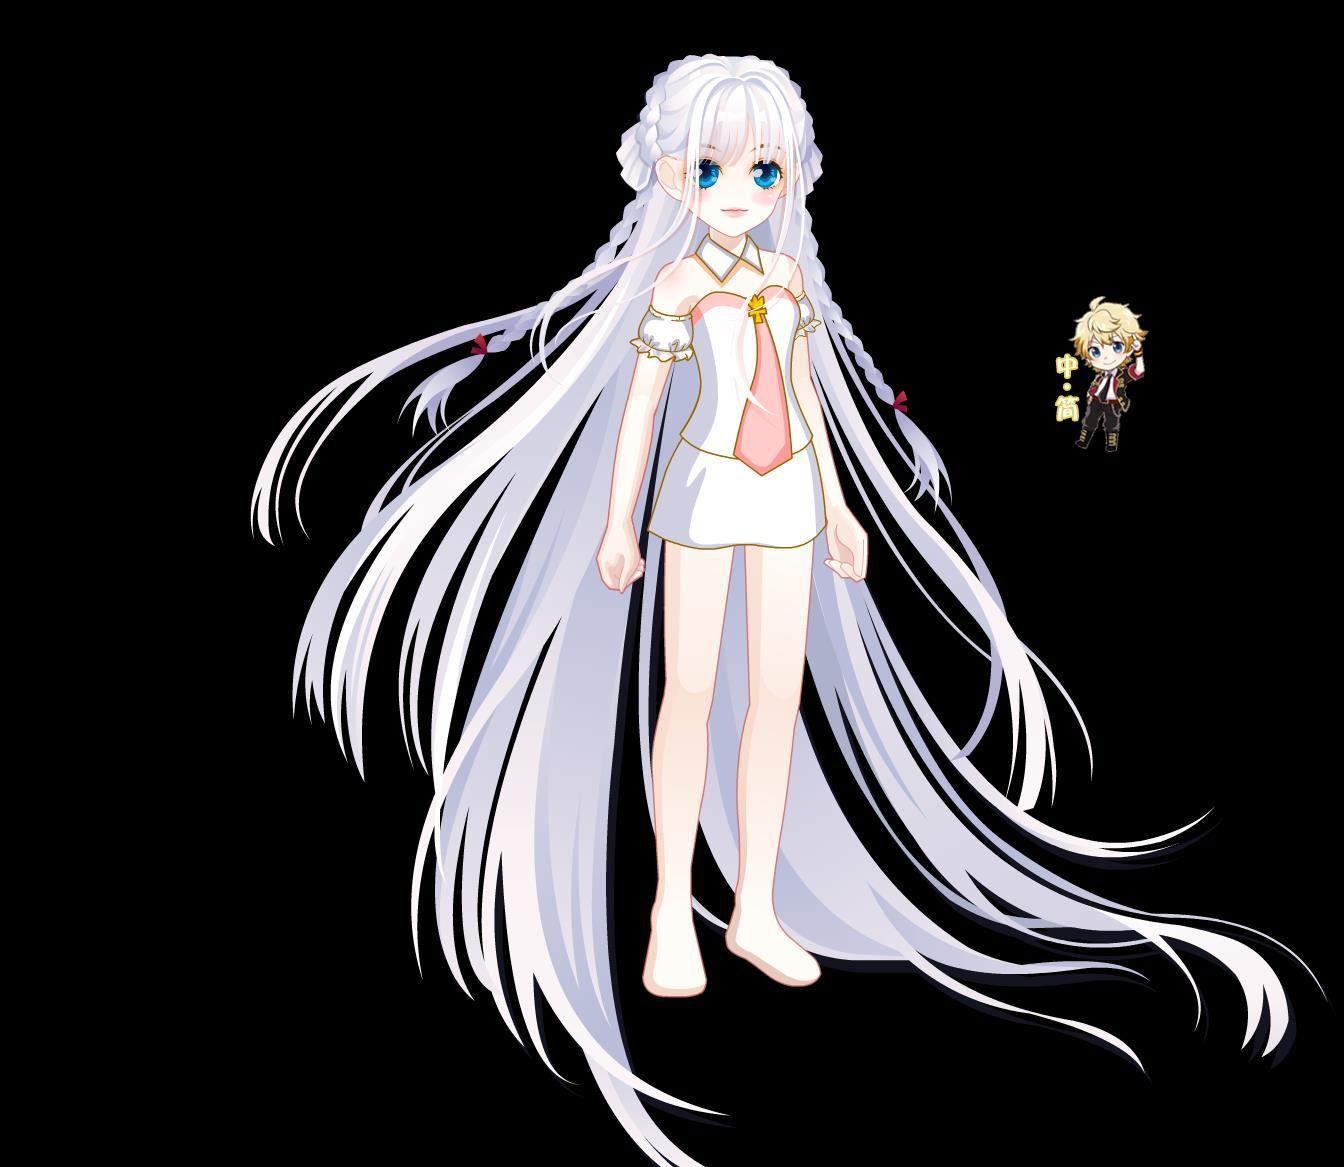 解析:白色的古风头发,头发随风飘扬,棱角(?